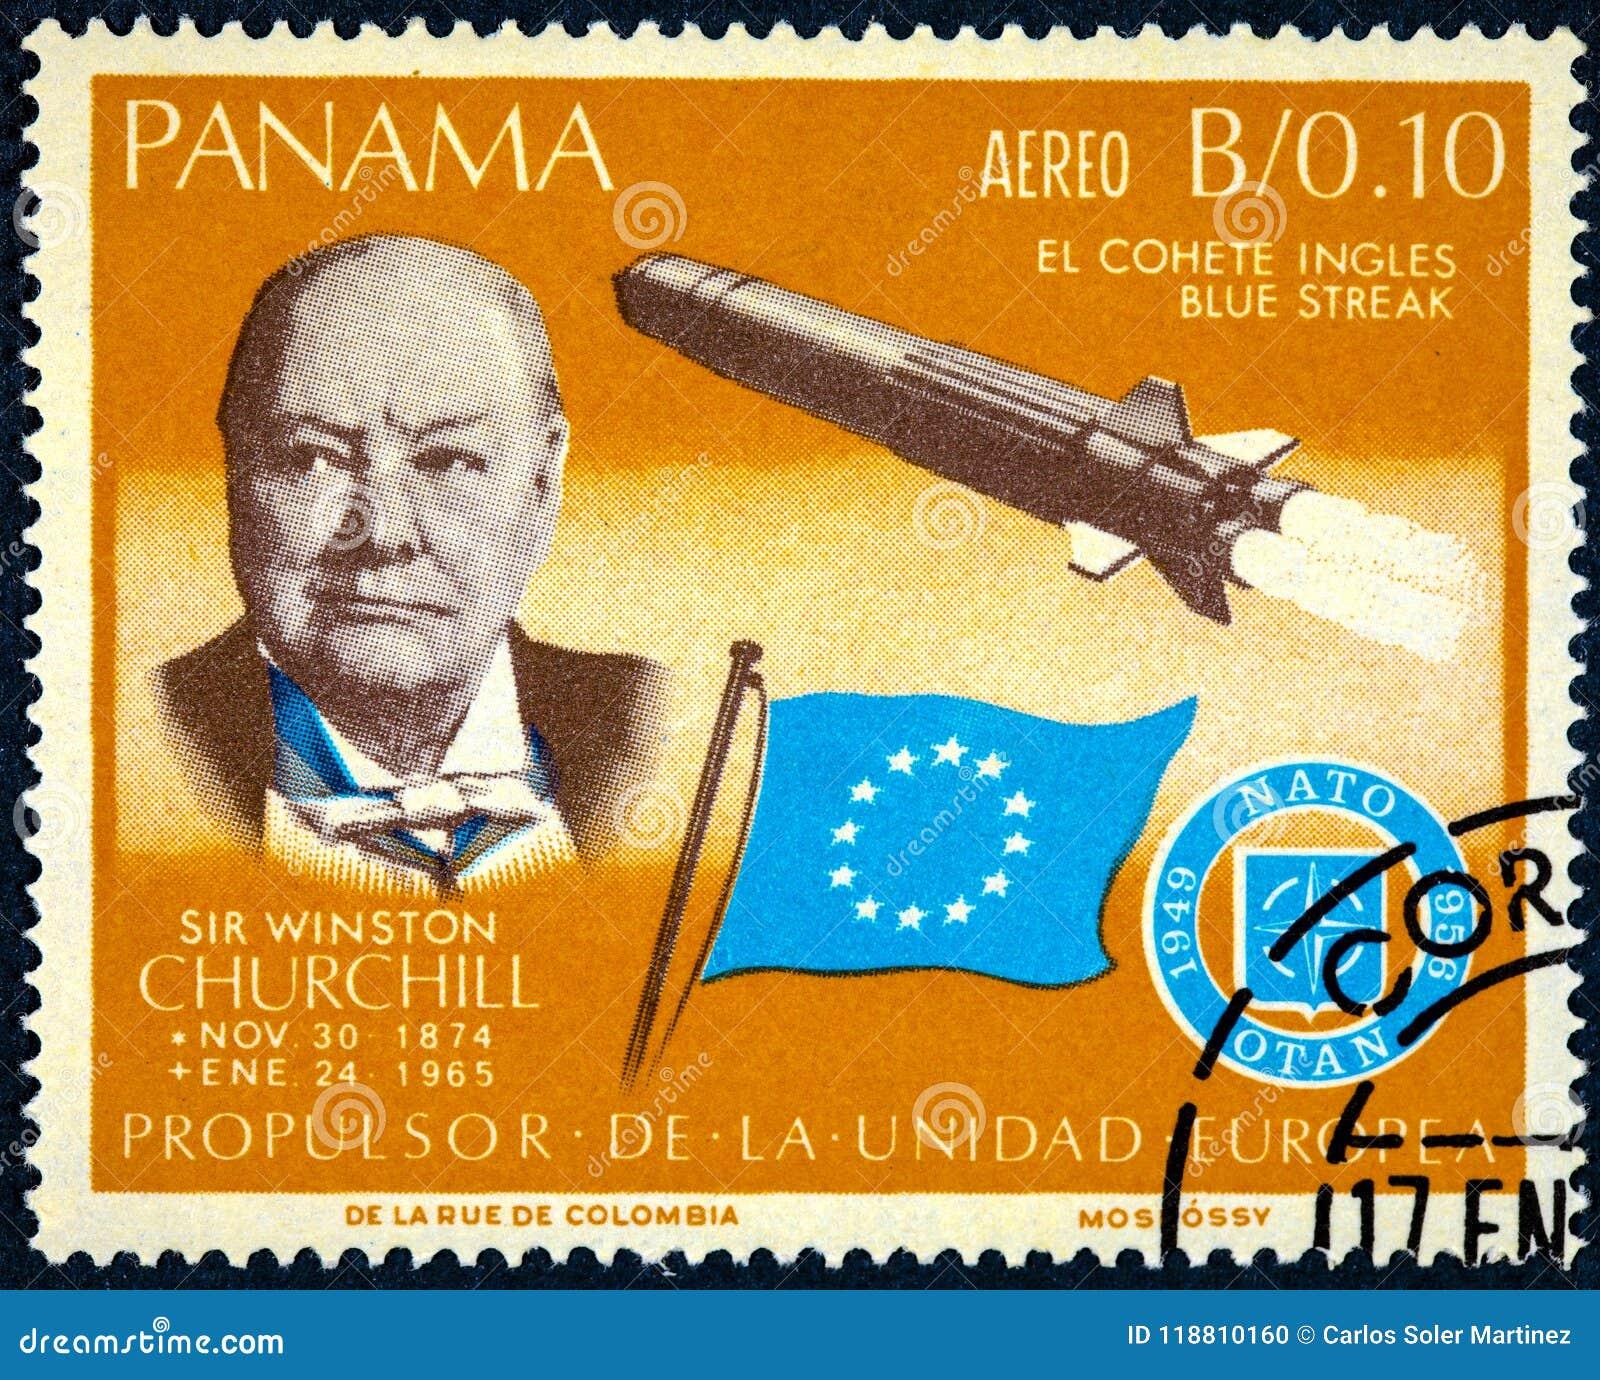 Znaczek drukujący Panama pokazuje Sir Winston Churchill i rakiety błękita smugę